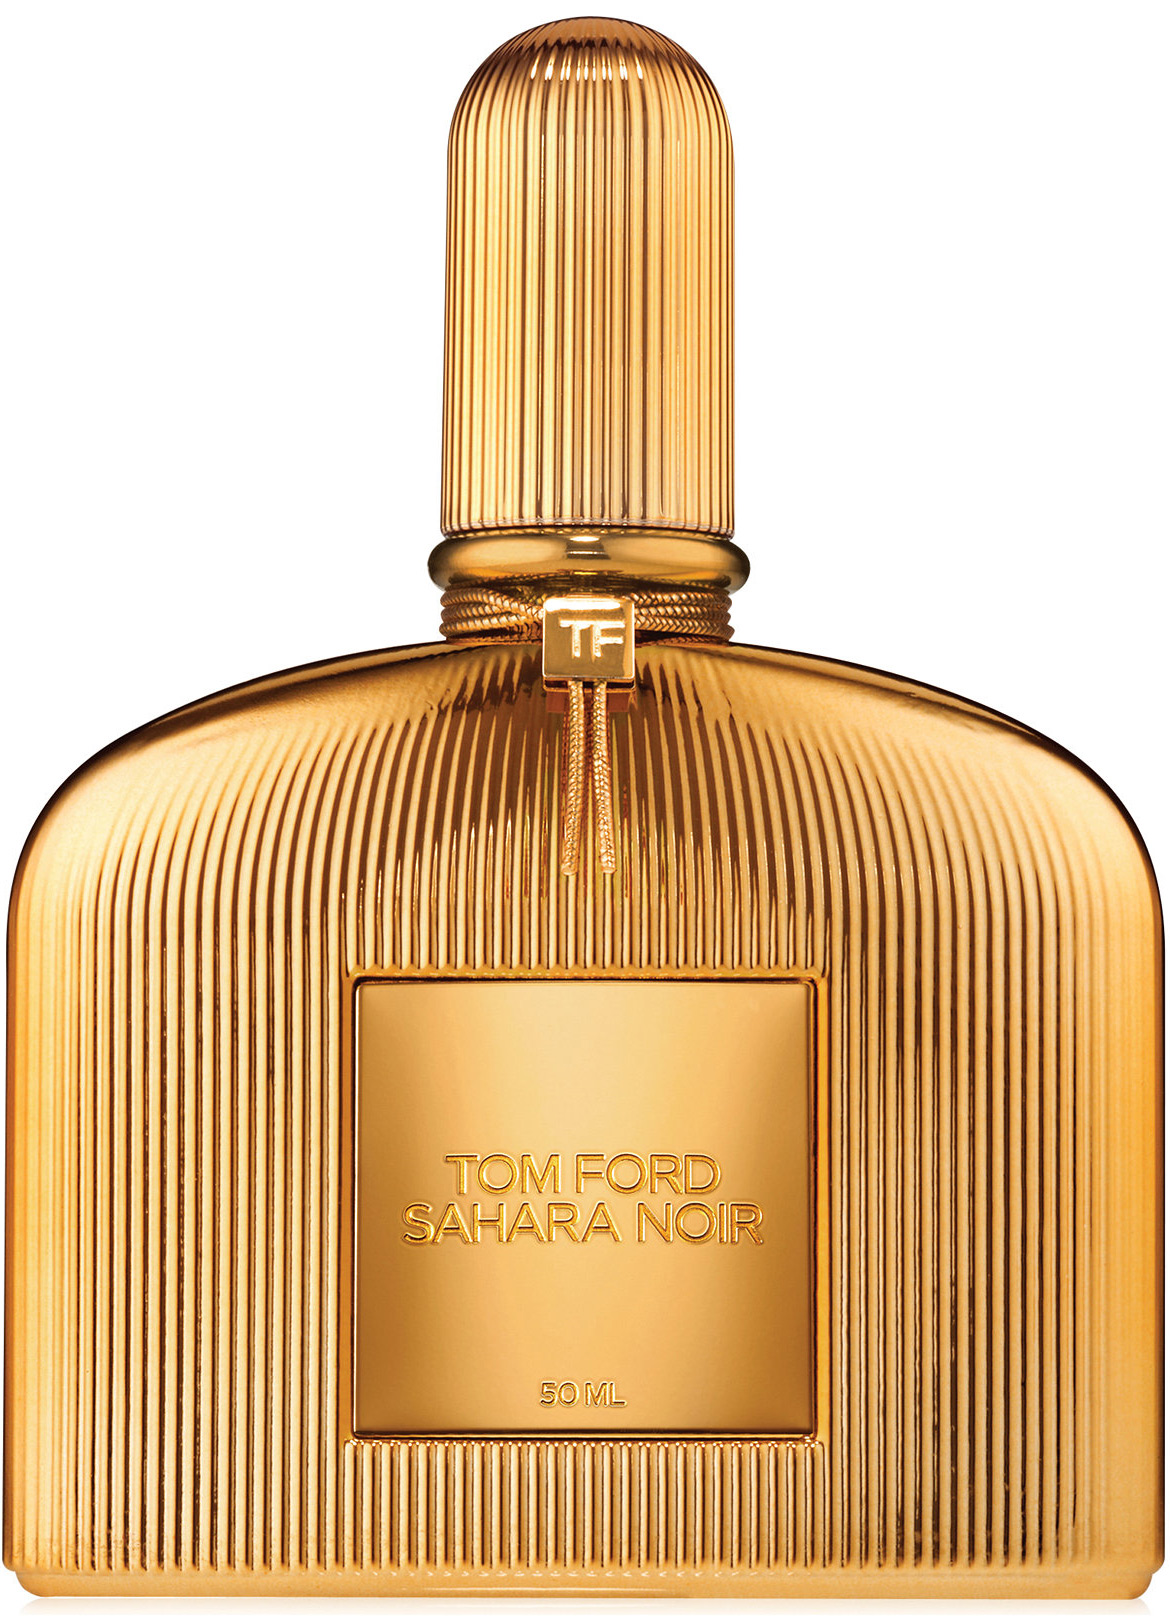 Tom Ford Sahara Noir парфюмированная вода 50мл (Том Форд Сахара Нуар)